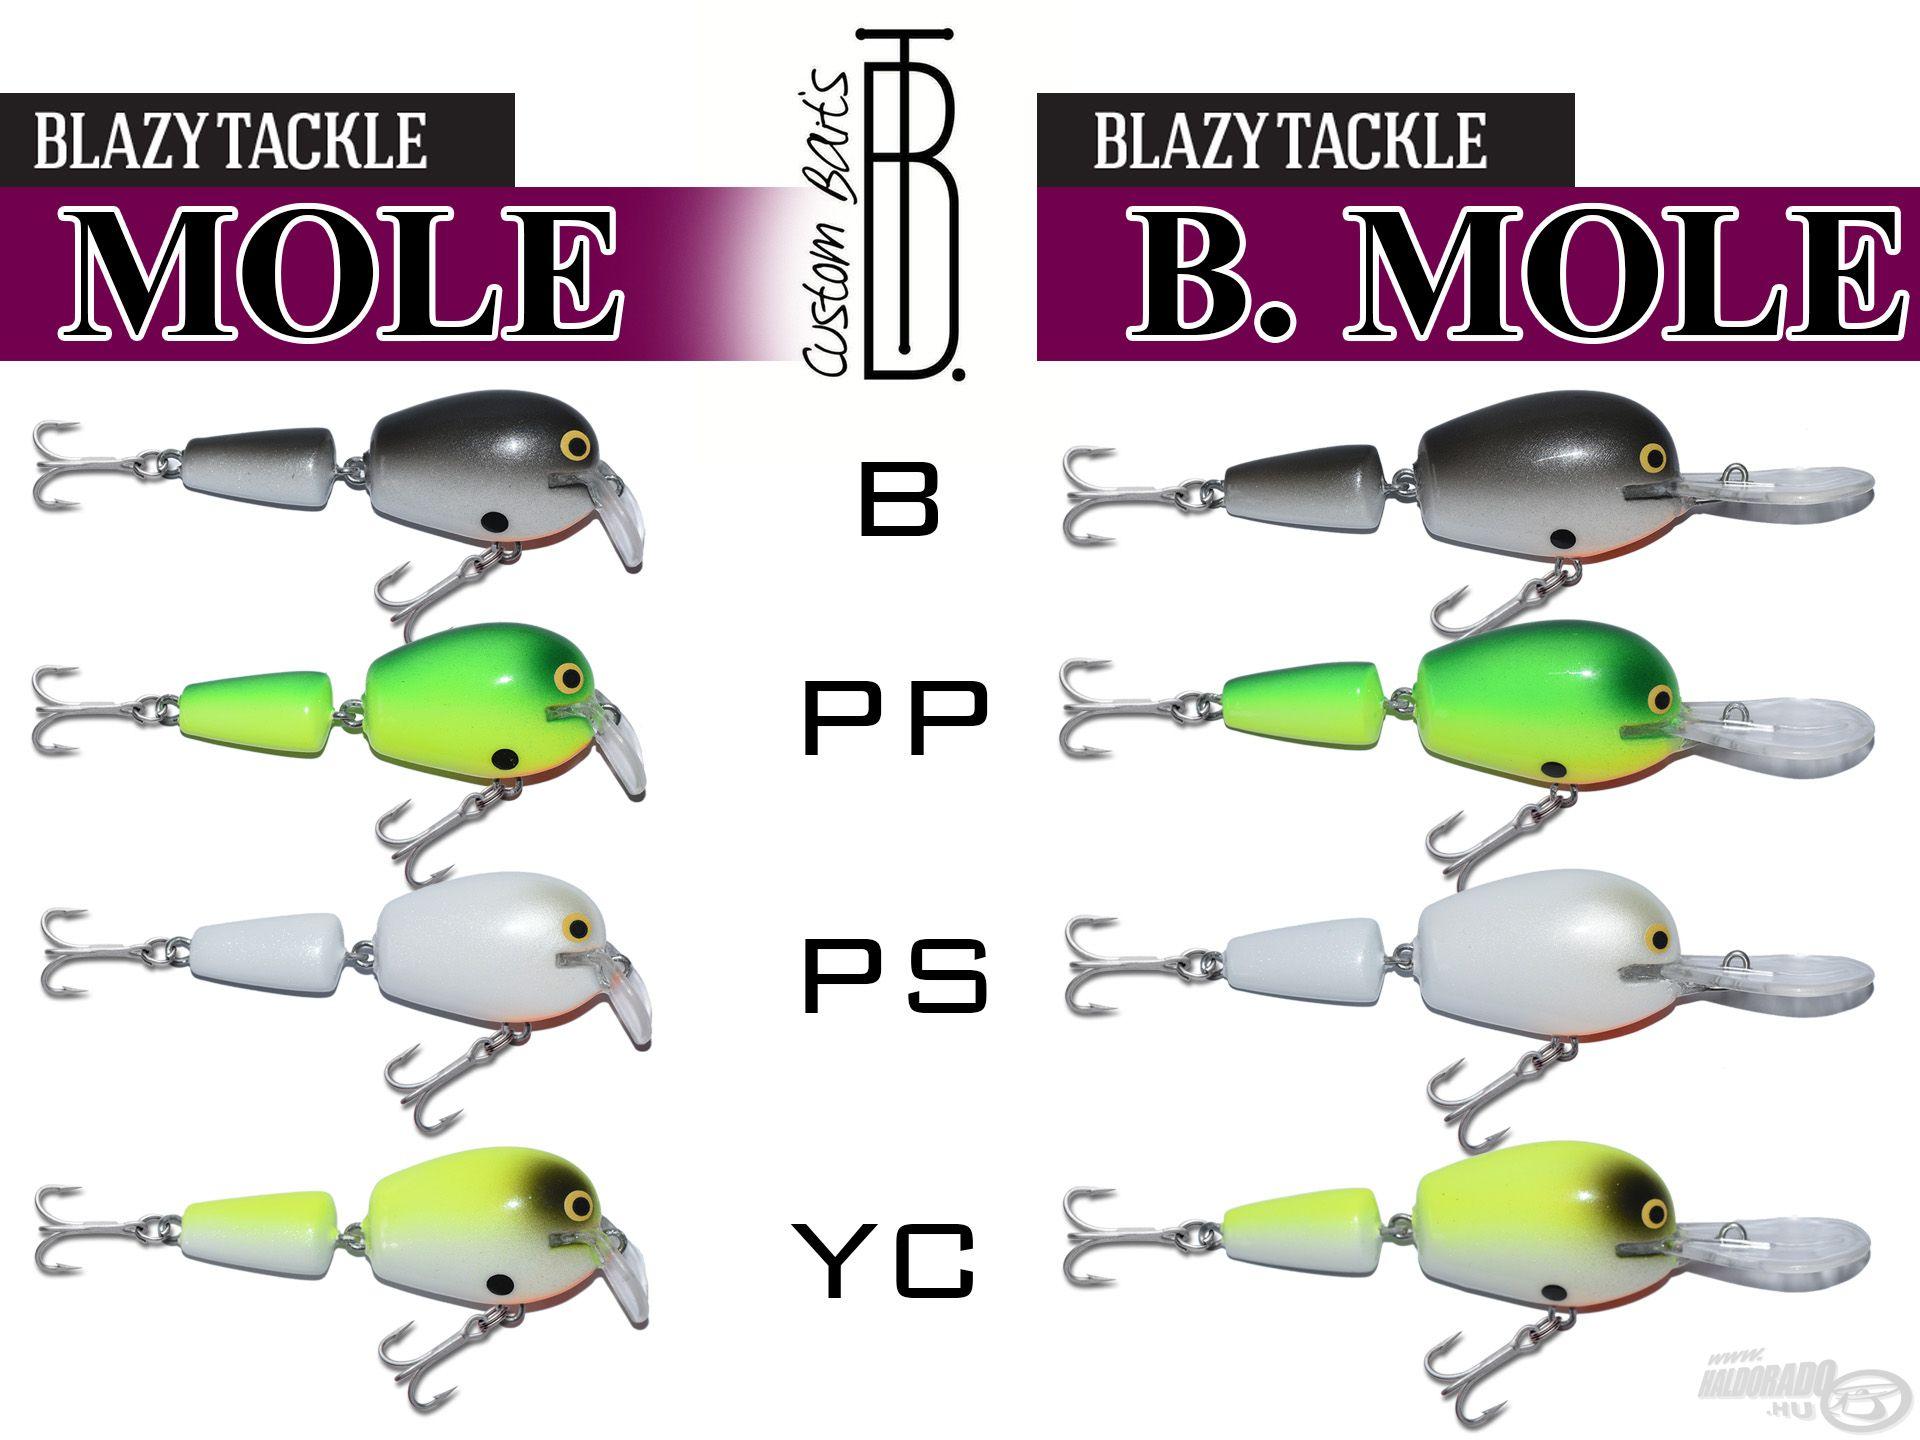 Az alábbi színekben érhető el a Mole, Mole deep, illetve a B. Mole és B. Mole deep wobbler